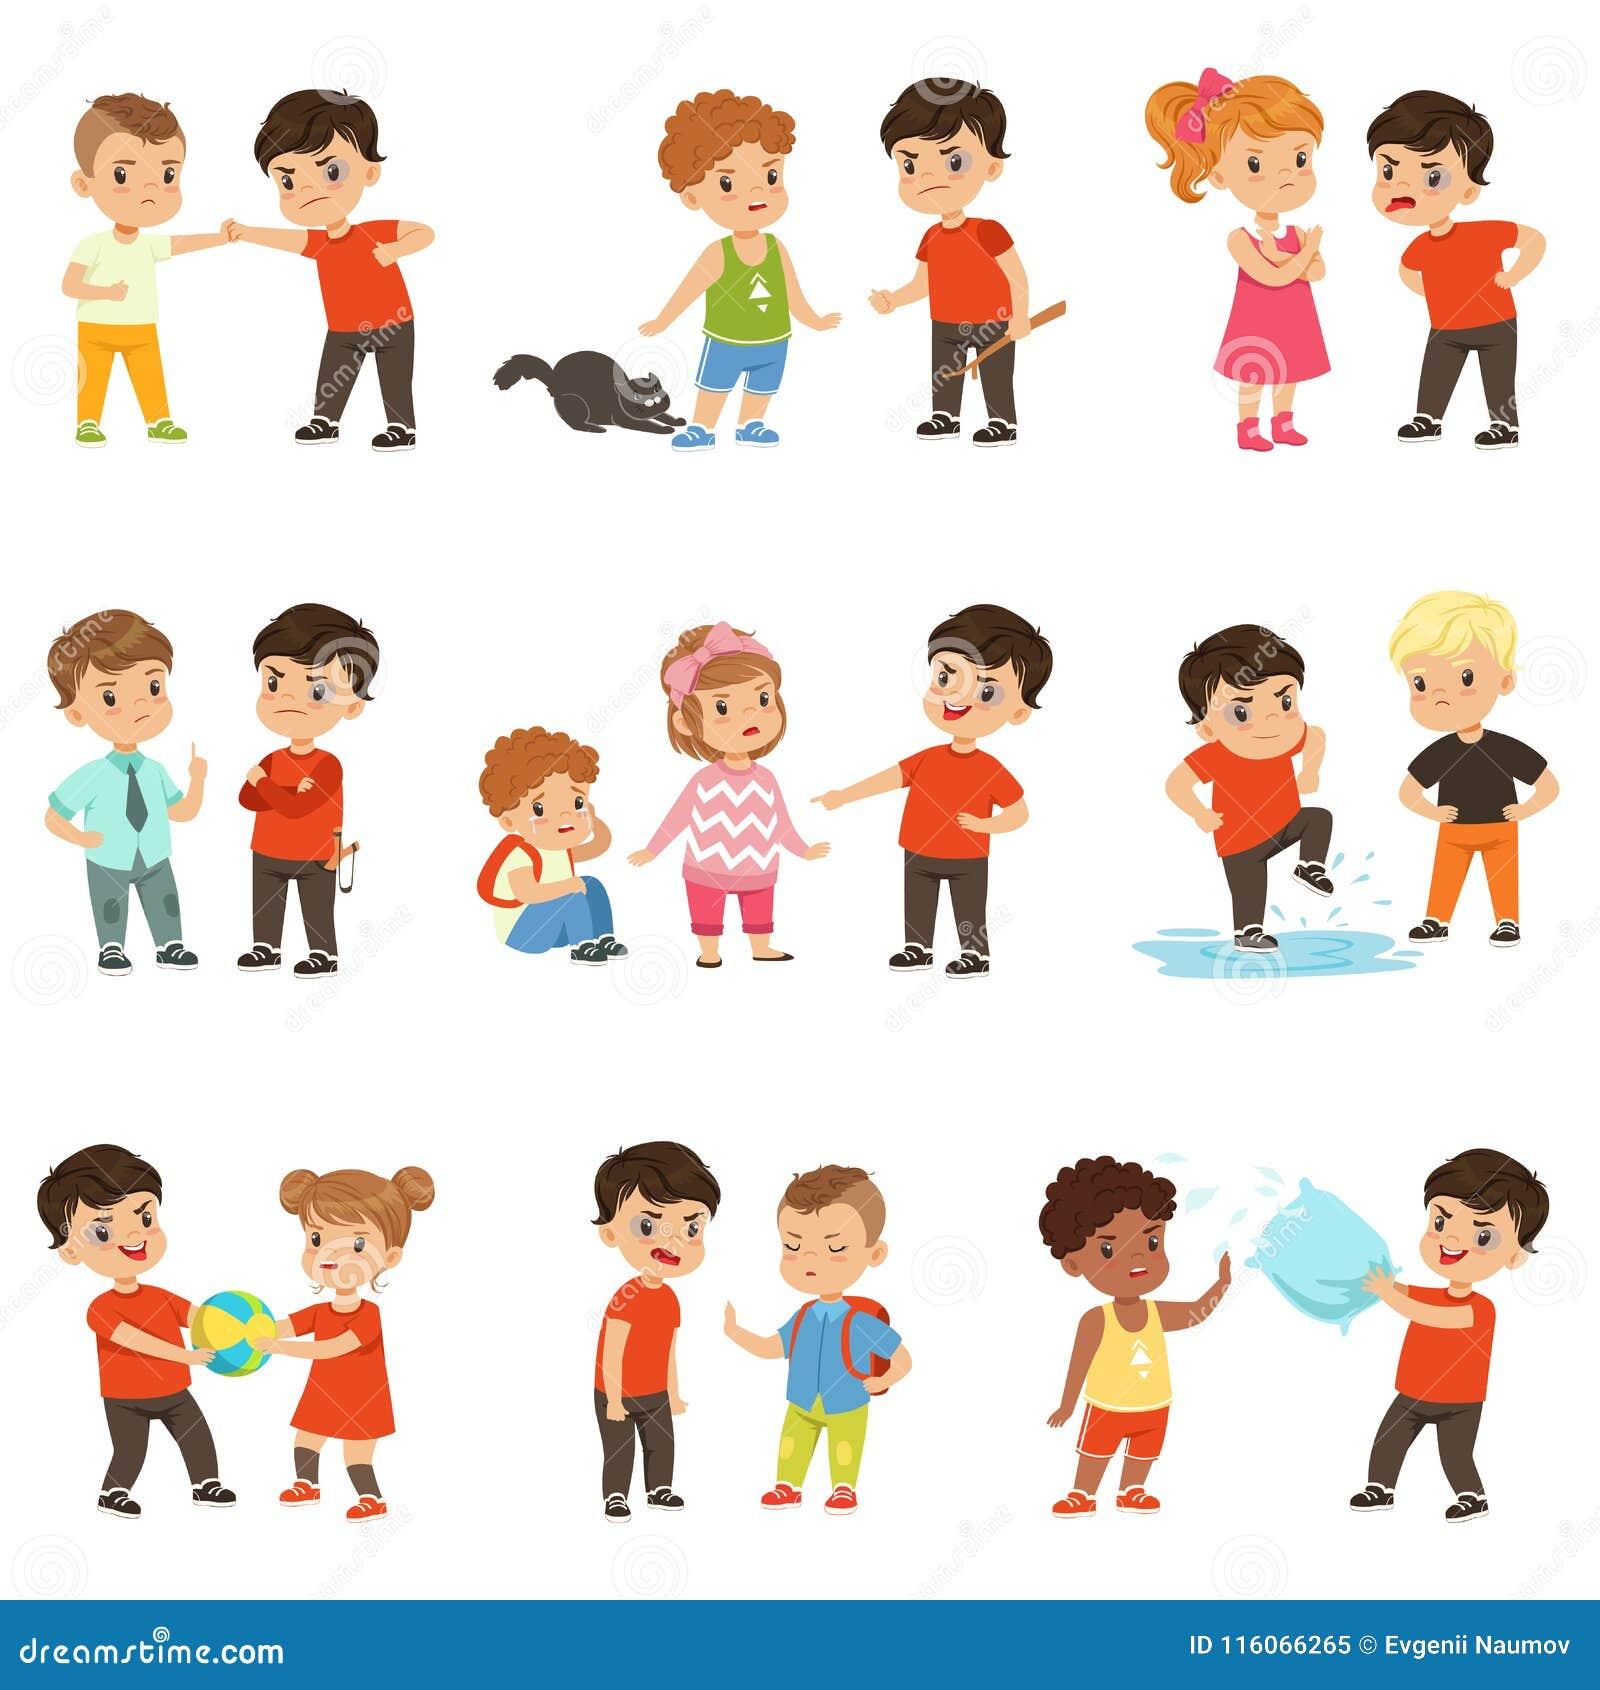 Οι γενναίοι χαρακτήρες παιδιών που αντιμετωπίζουν τους χούλιγκαν θέτουν, κακό αγόρι που φοβερίζει διανυσματικές απεικονίσεις τις